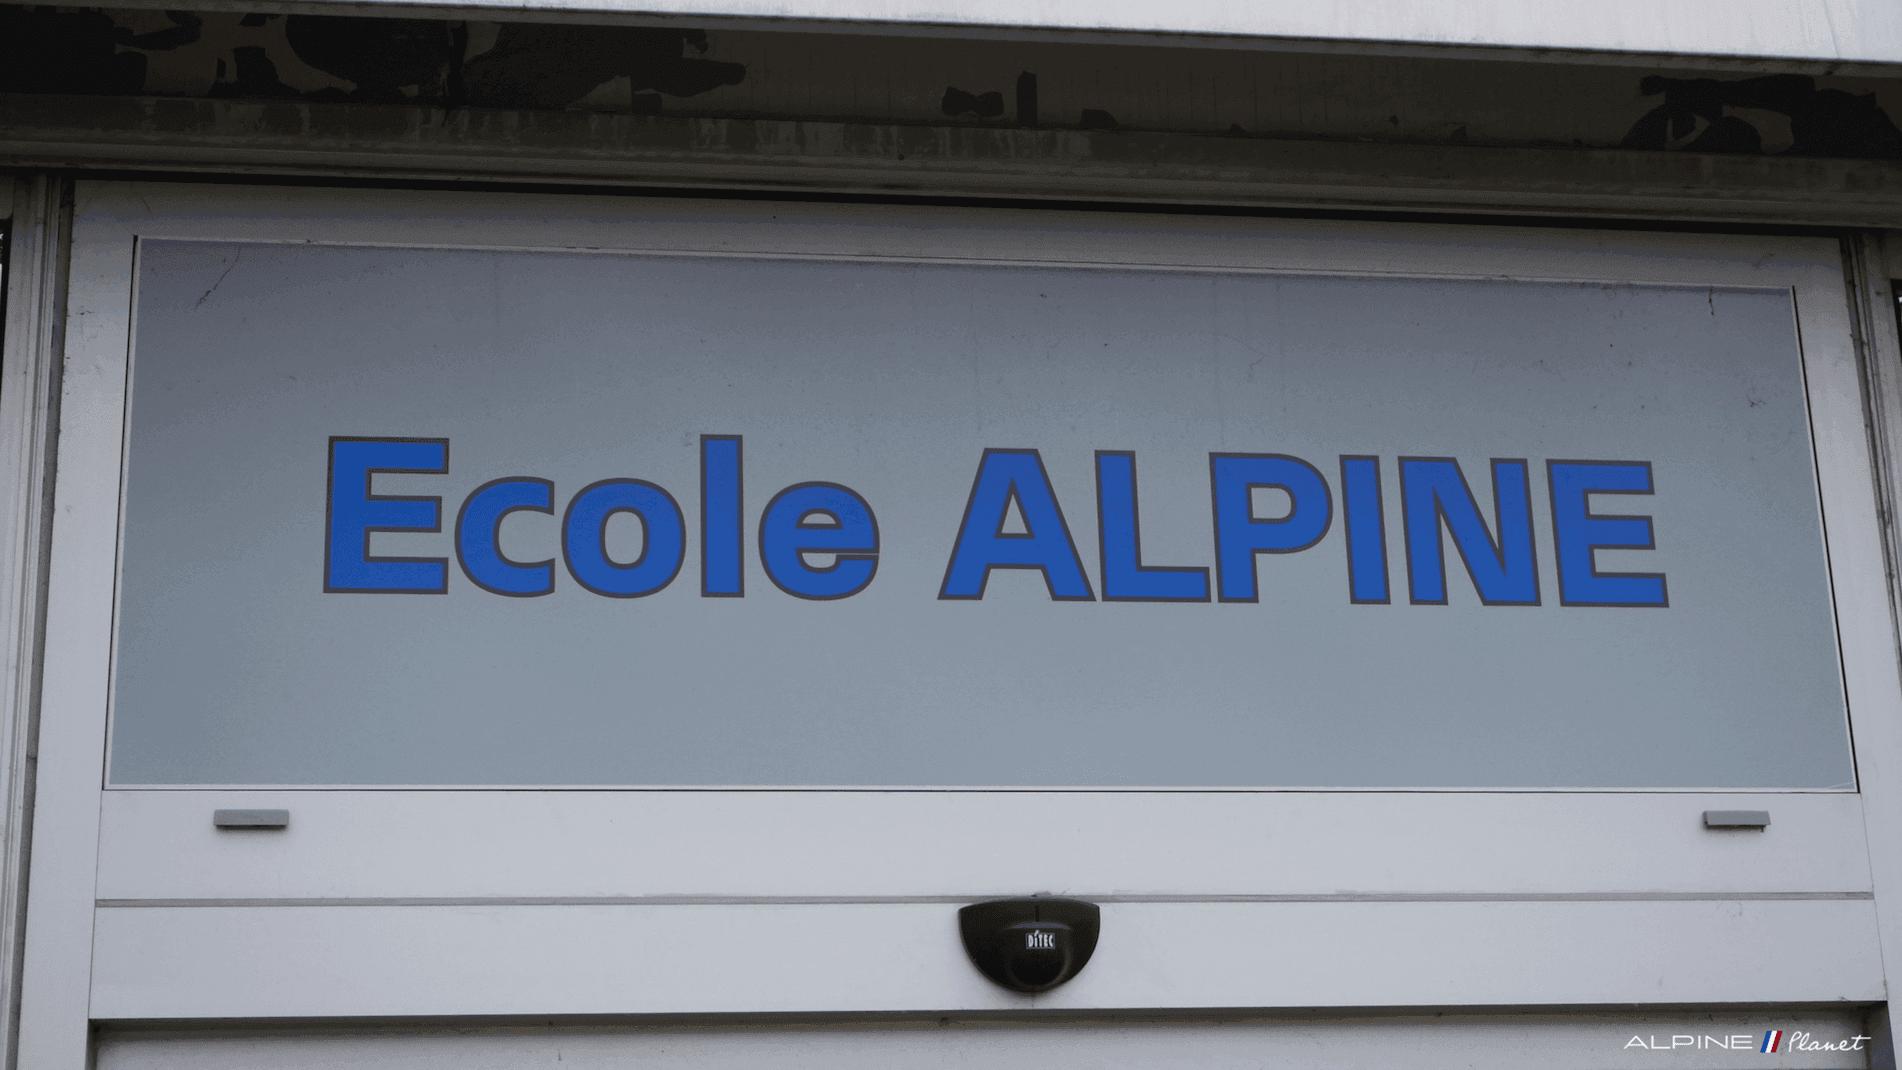 Alpine Planet Visite Usine Dieppe 2018 A110 Berlinette Andrieux 90 | Usine Alpine de Dieppe: au coeur de la fabrication de l'A110 !